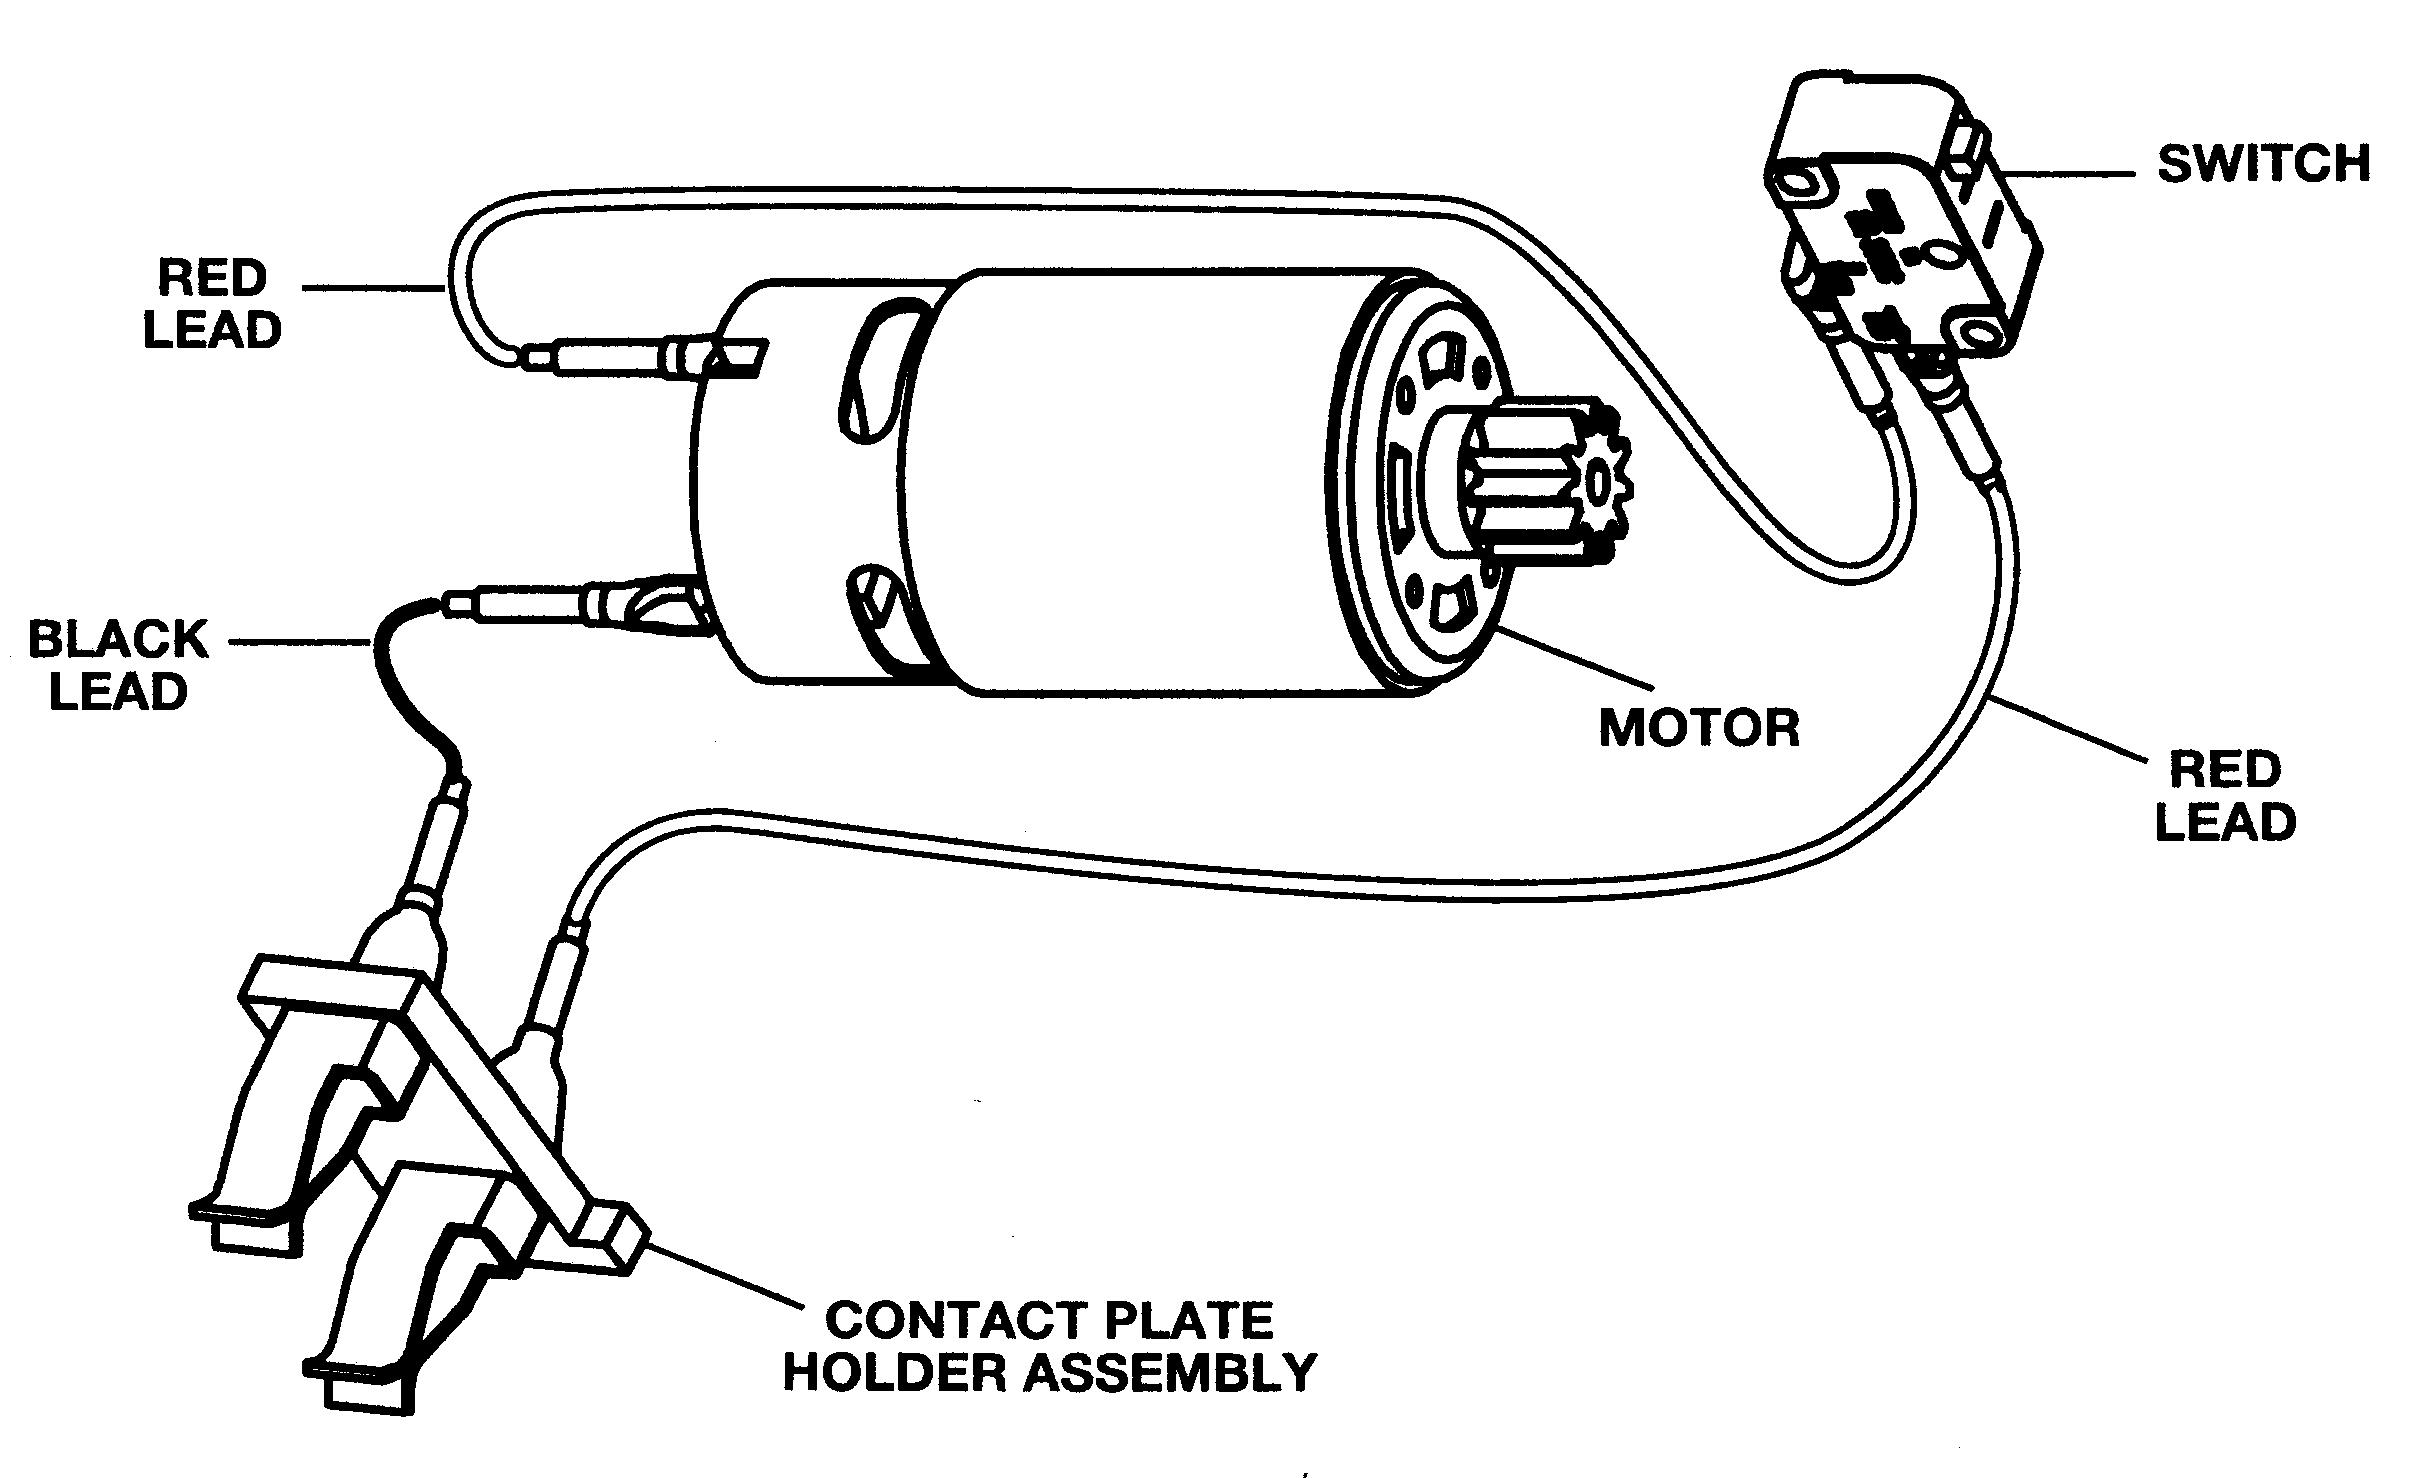 Craftsman model 315115700 sander genuine parts